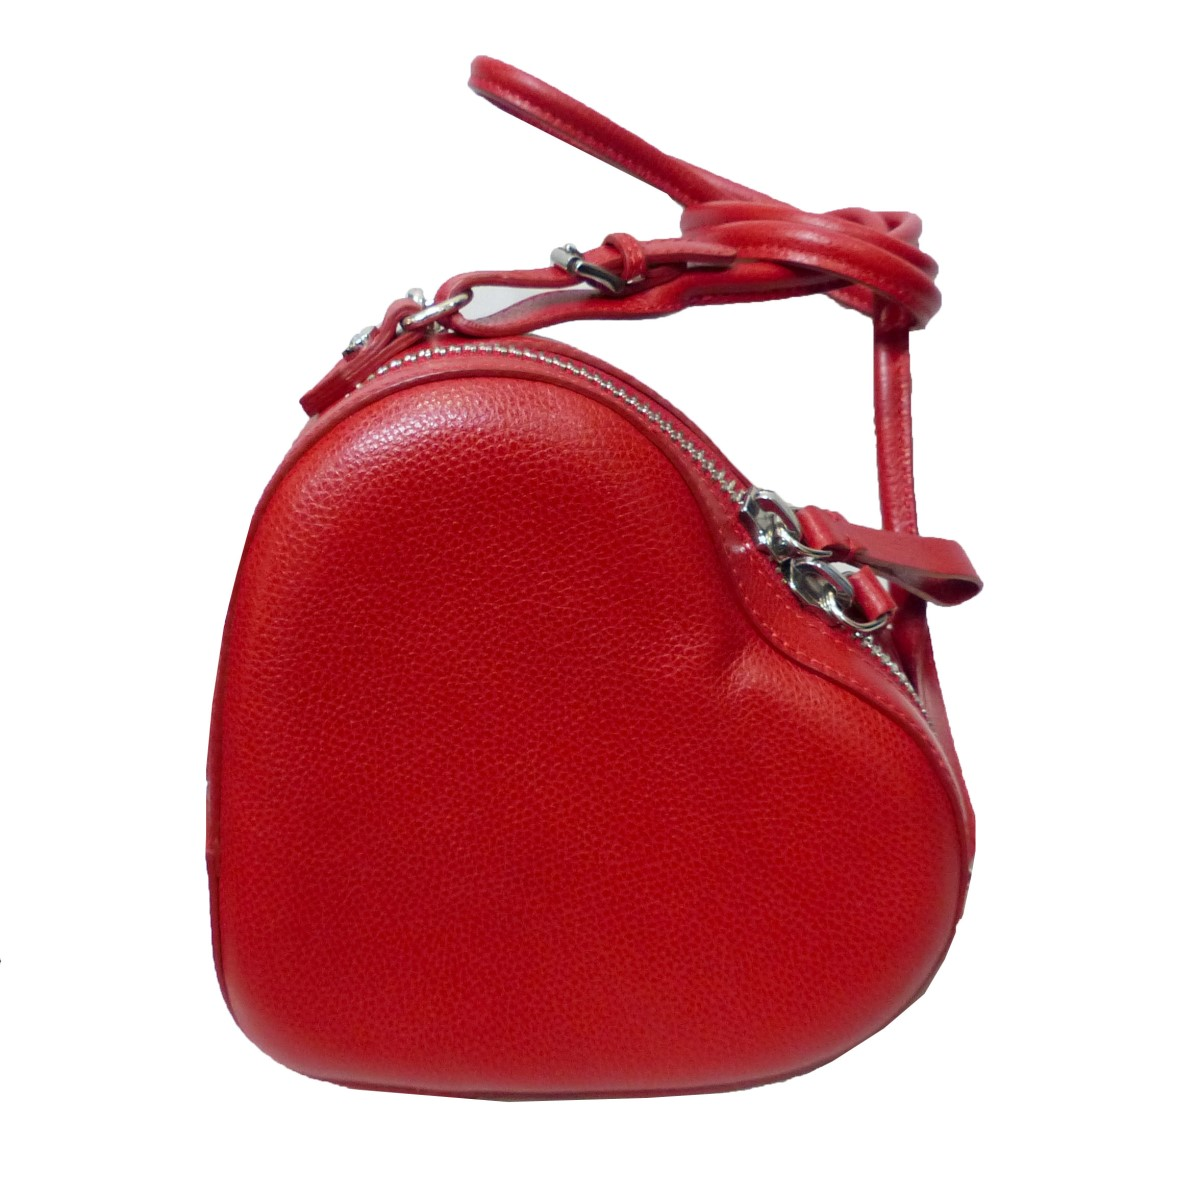 【中古】VIVIENNE WESTWOOD ANGLOMANIA ヴィヴィアン・ウエストウッド アングロマニア JOHANNA HEART ショルダーバッグ レッド サイズ:- 【250519】(ヴィヴィアン・ウエストウッド アングロマニア)